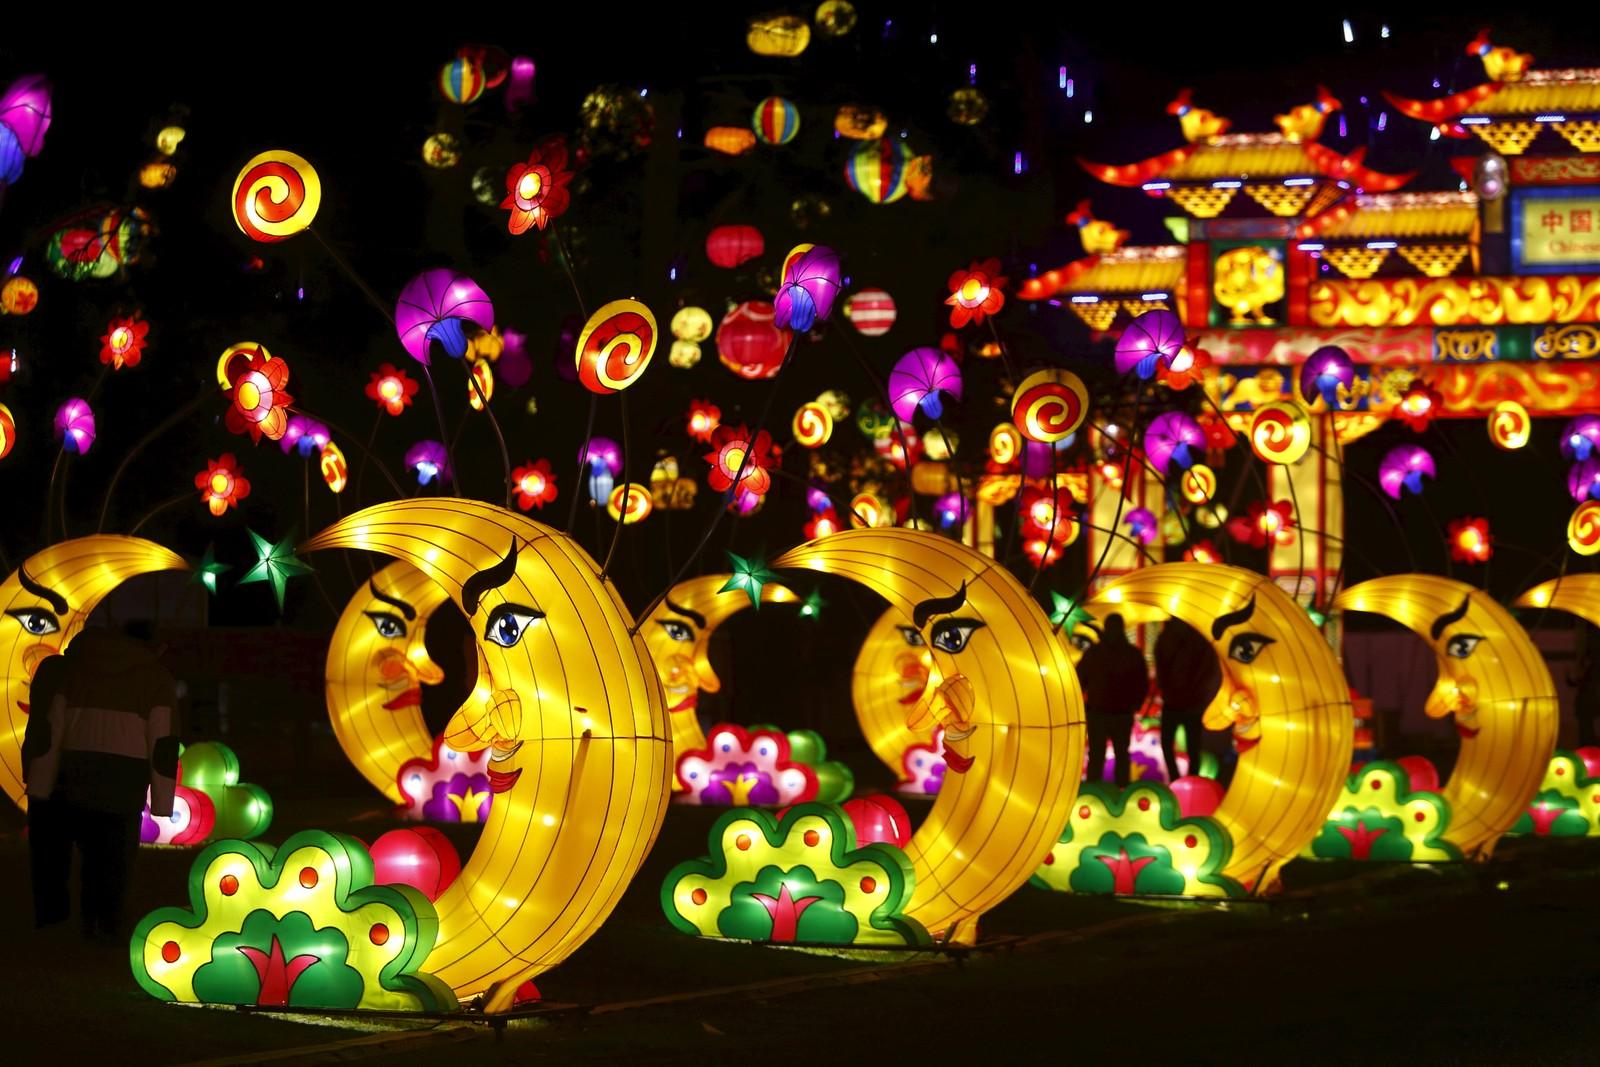 Dandenong lysfestival i Melbourne, Australia varer i én måned og feirer kinesisk kultur.